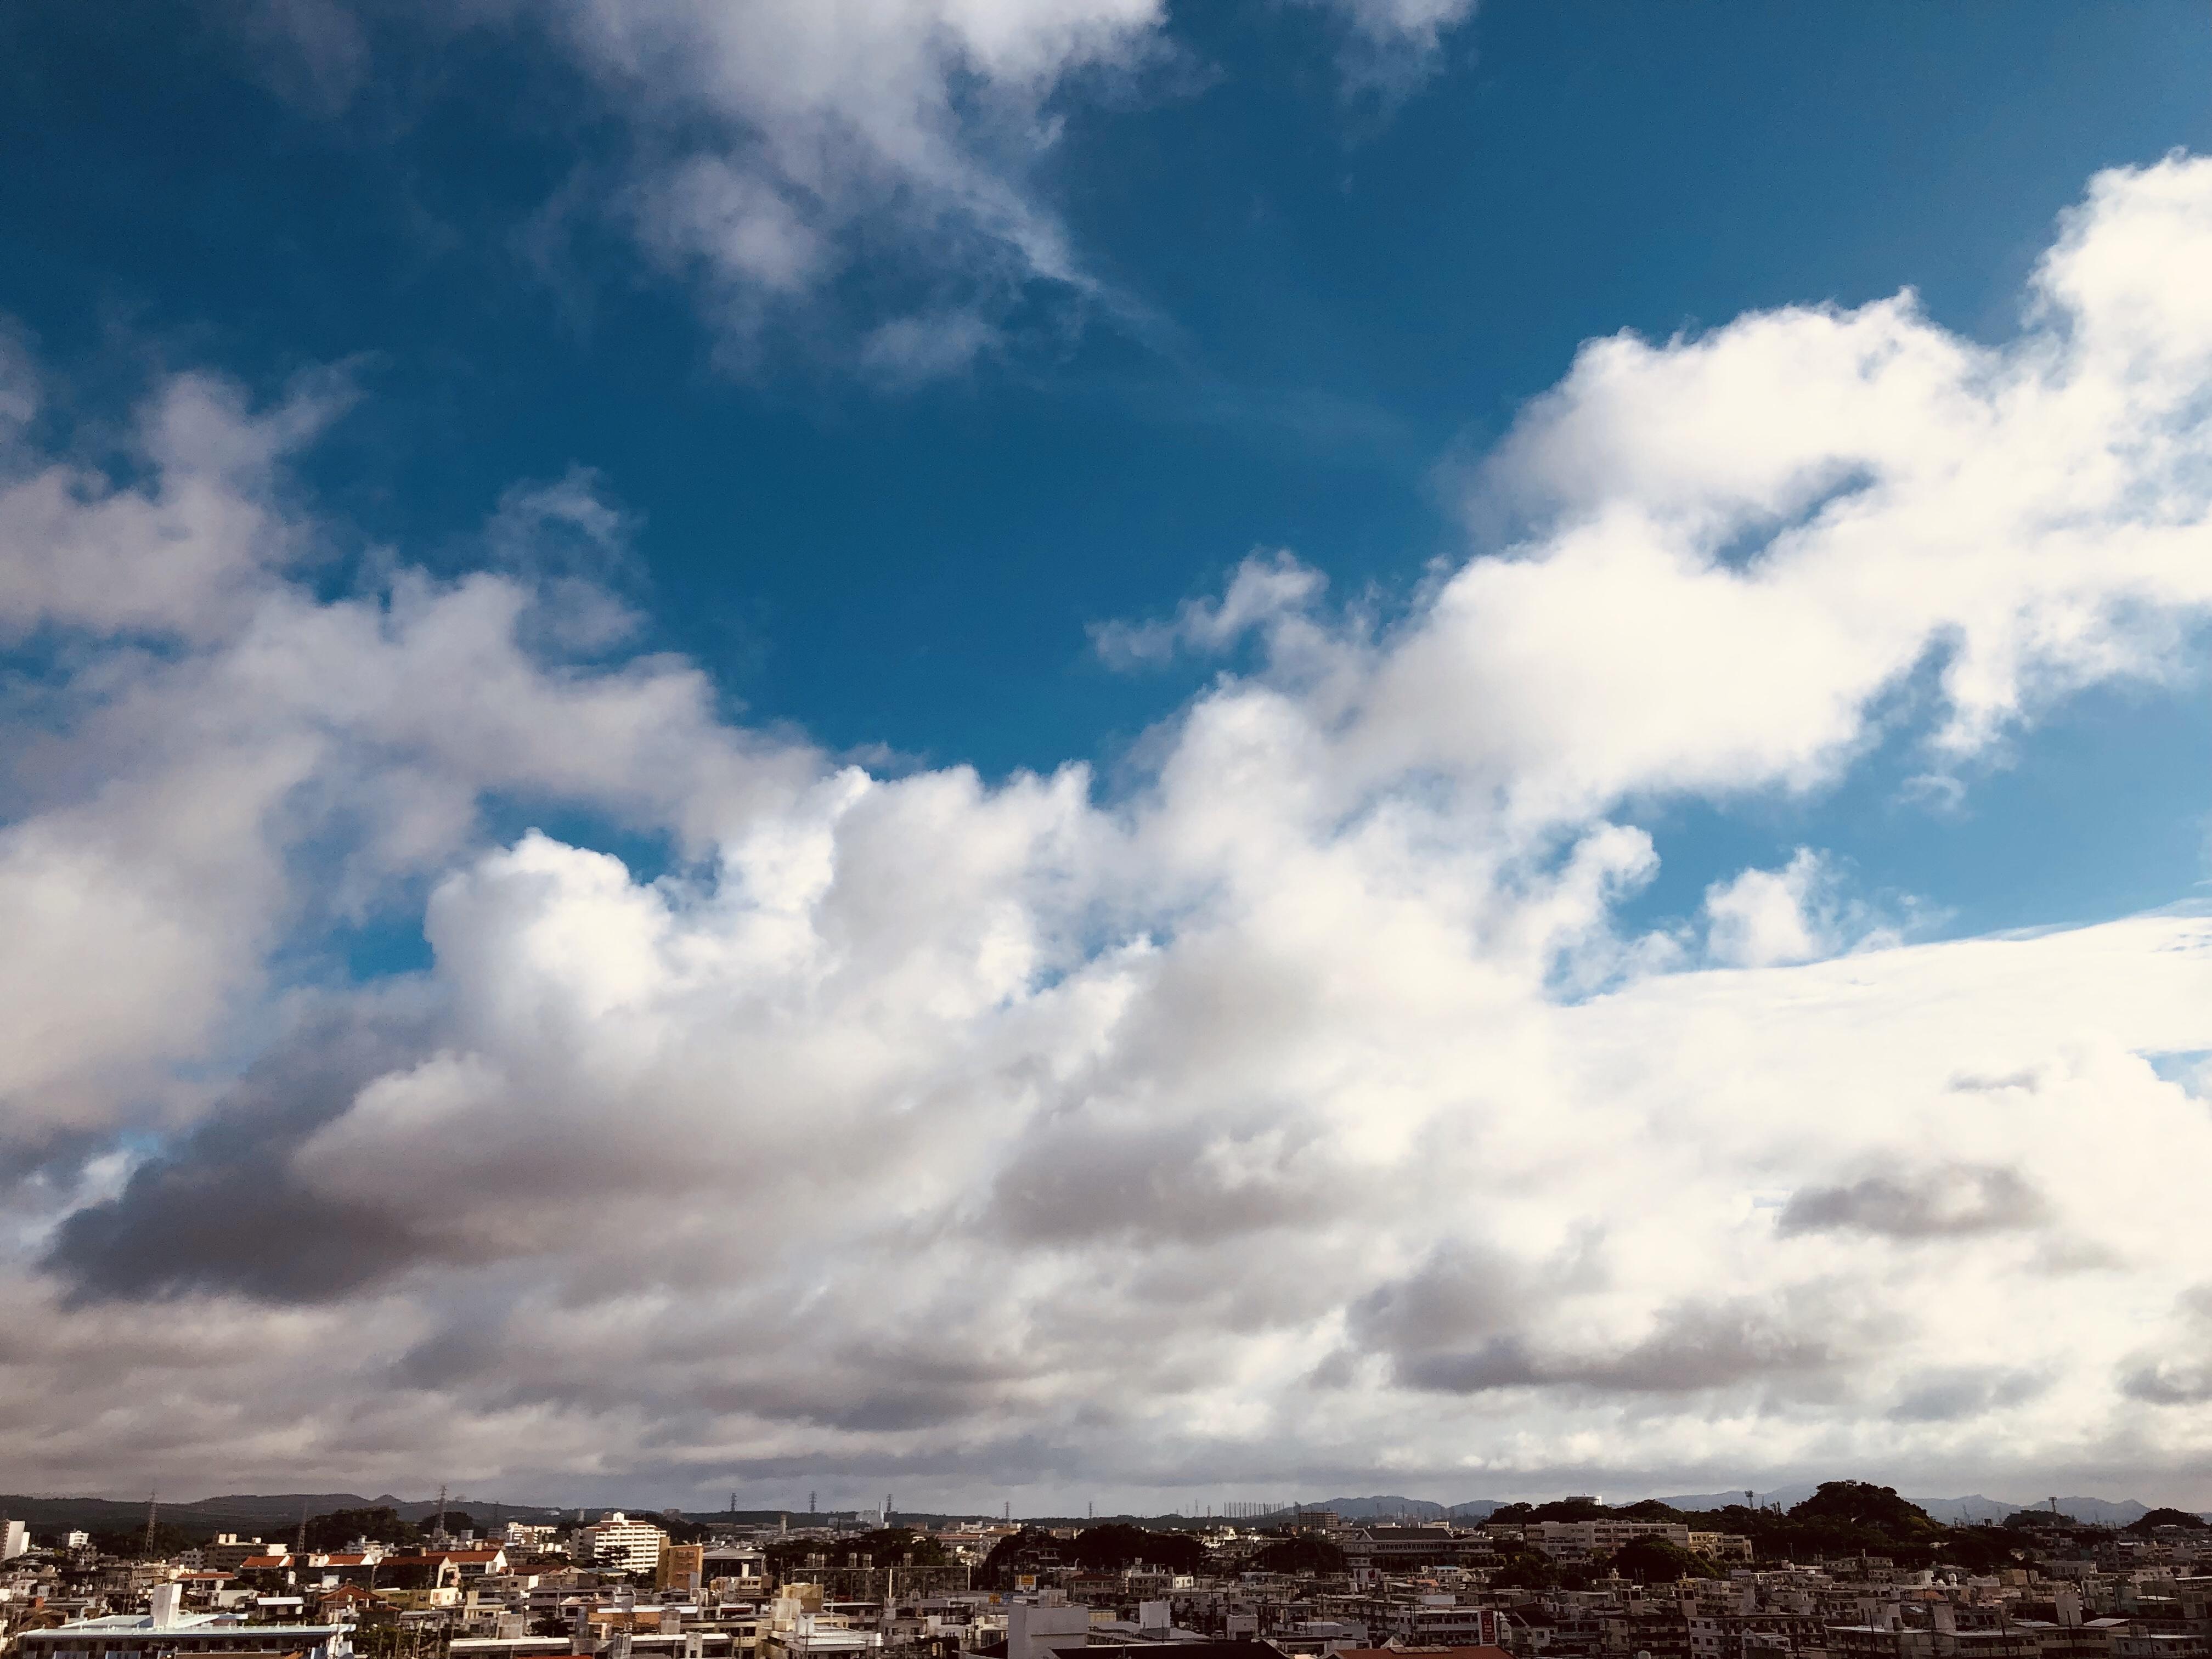 おきなわの空と雲をながめるセッションルーム&サロンのご案内